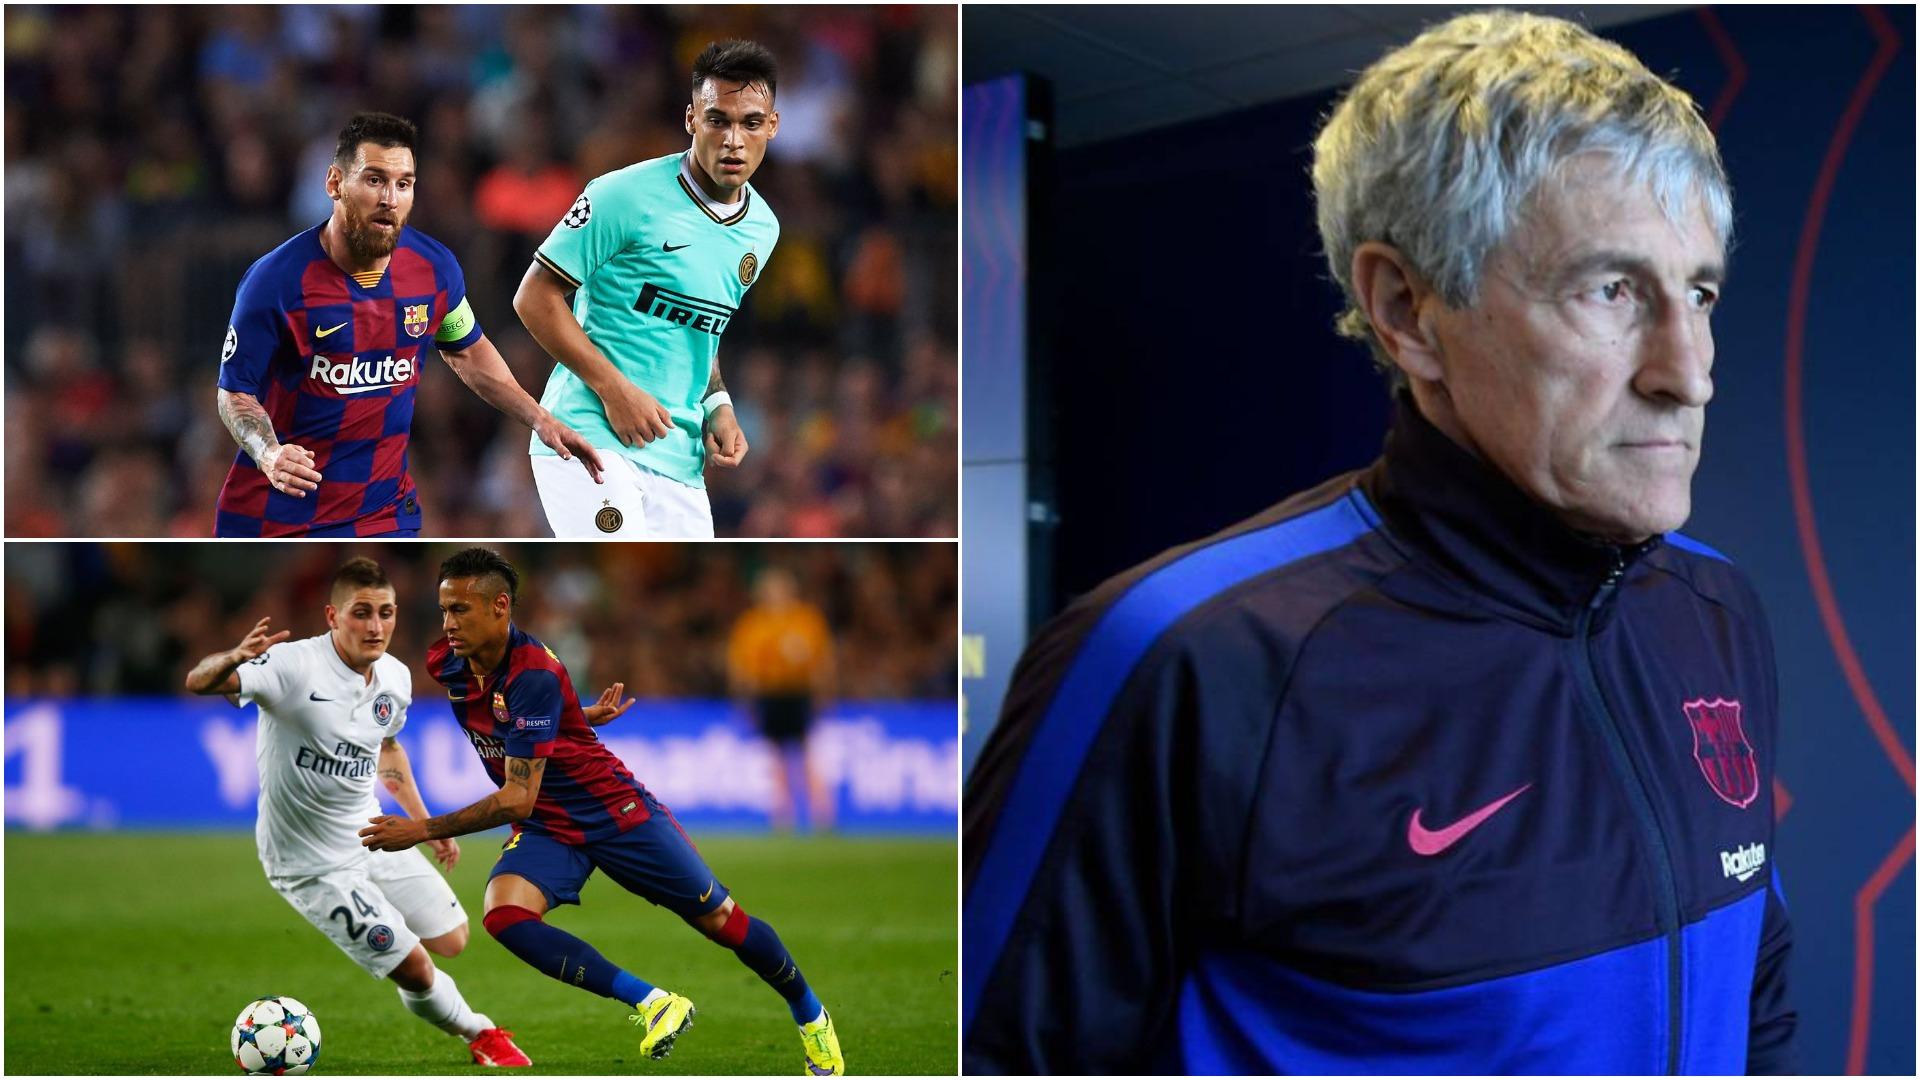 Lautaro-Neymar, Setien realist: Krizë e madhe, nuk krijoj iluzione